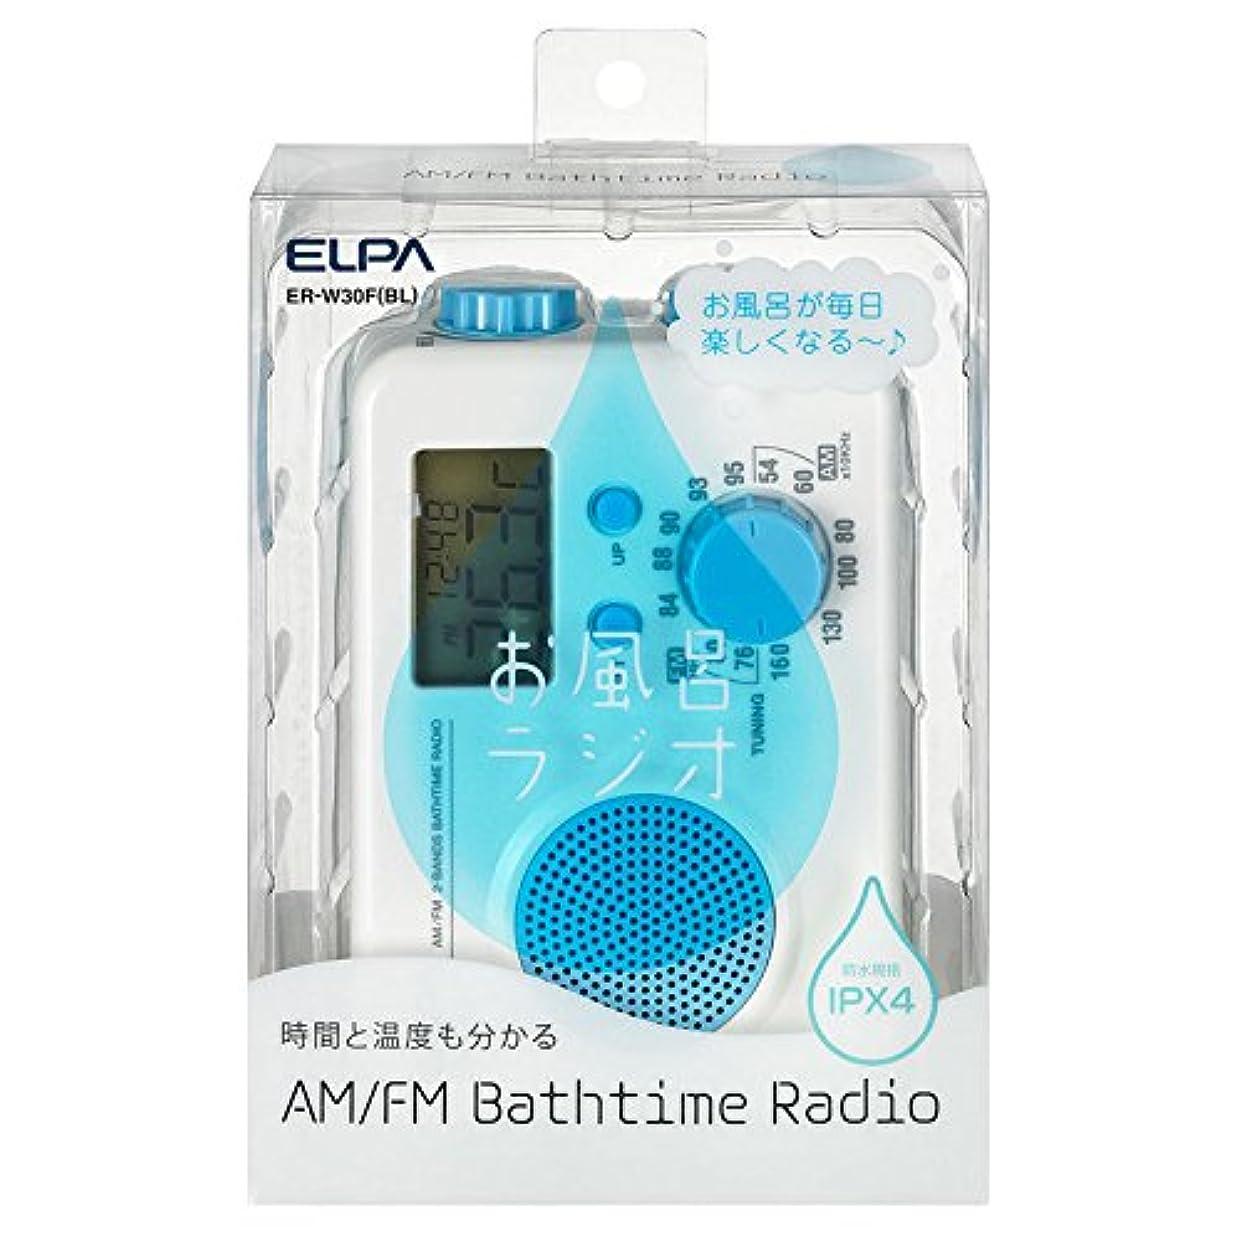 柔和ちなみにソフィーワイドFM対応 災害イツモ 緊急用カード型ラジオ